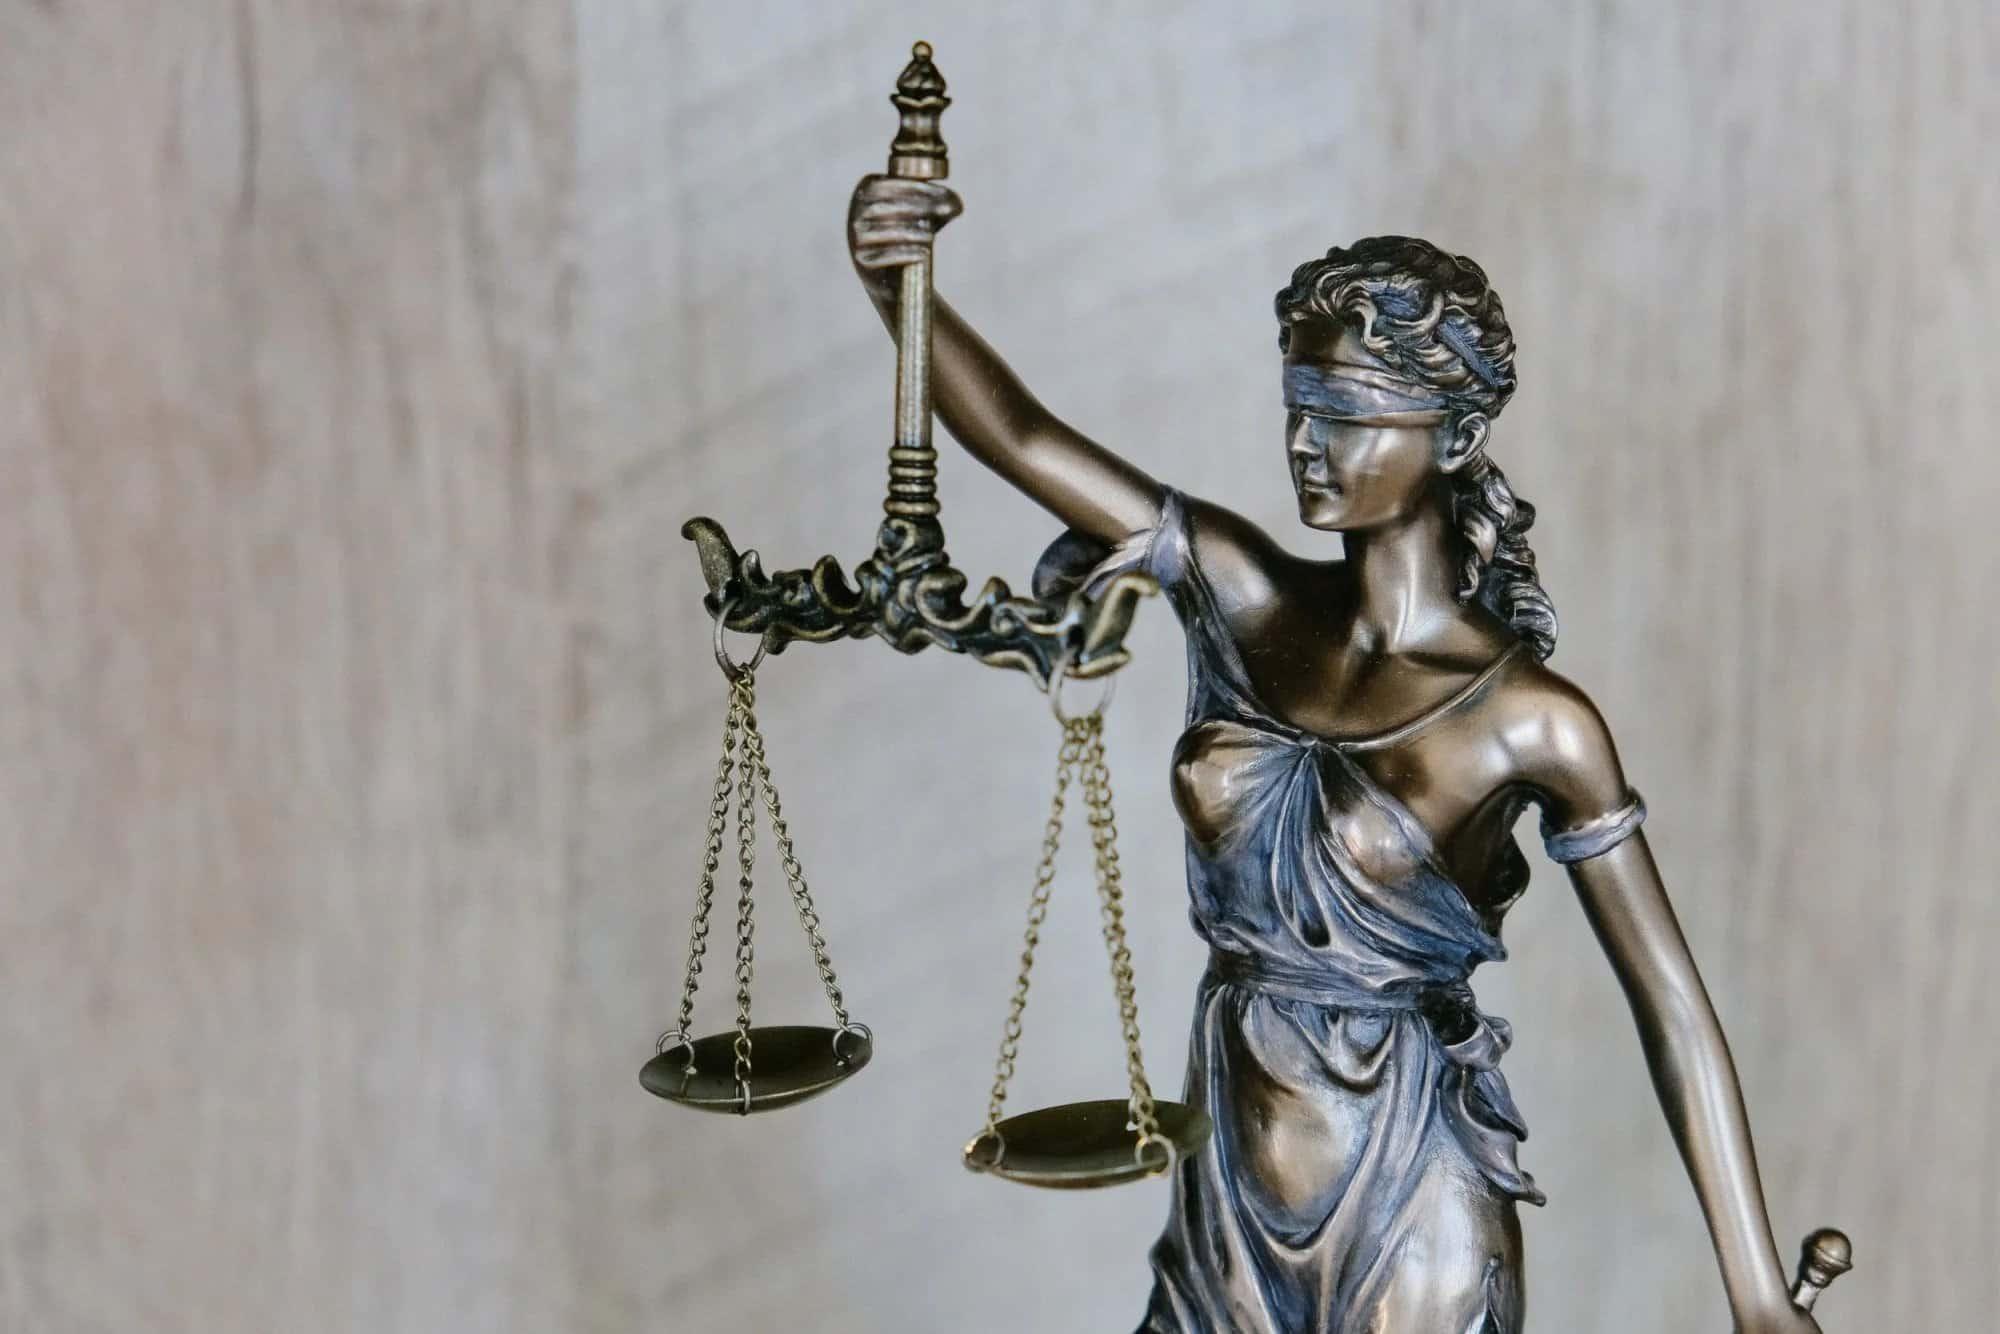 החלטה דרמטית במשרד המשפטים: קורונה אינה סיבה לביטול חוזה – כל הפרטים וההשלכות על ביטולי אירועים וגני ילדים